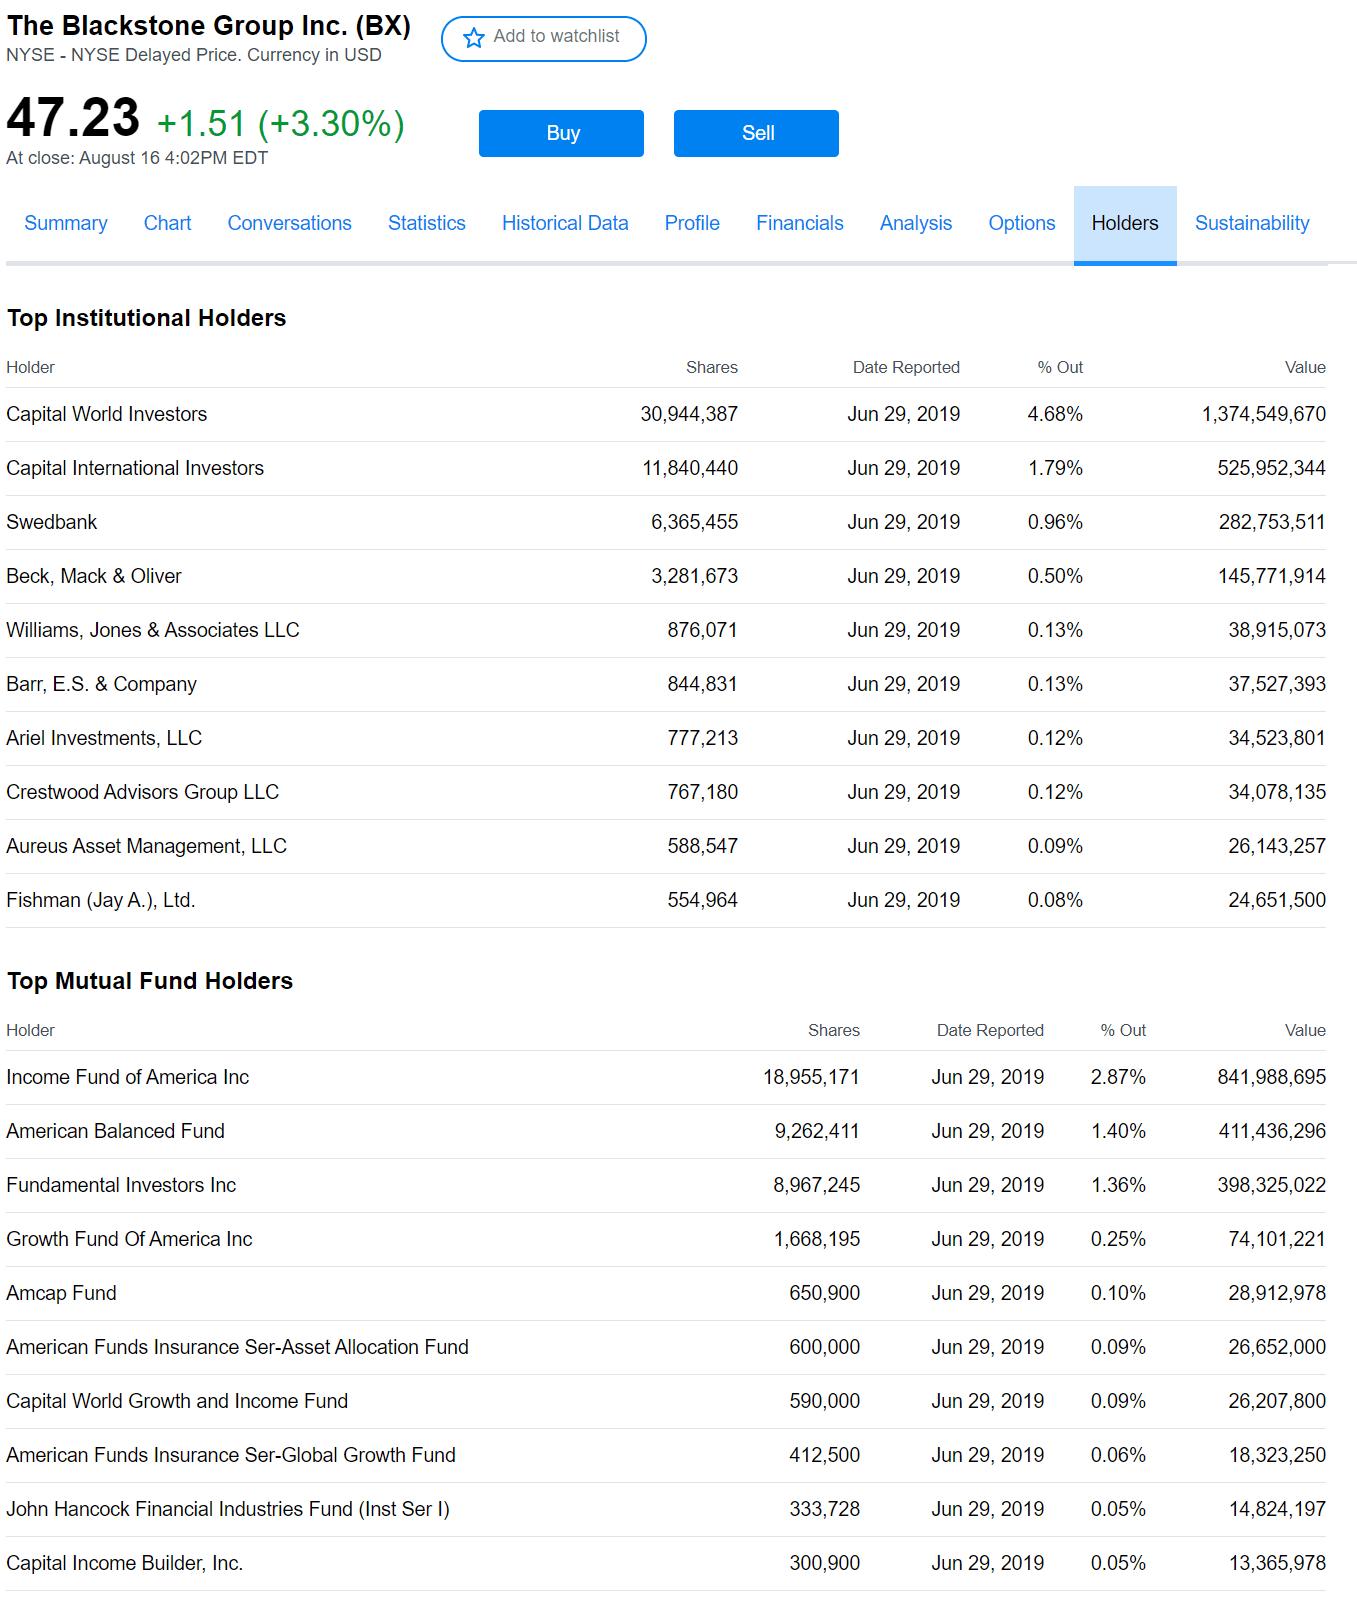 azionisti blackstone group